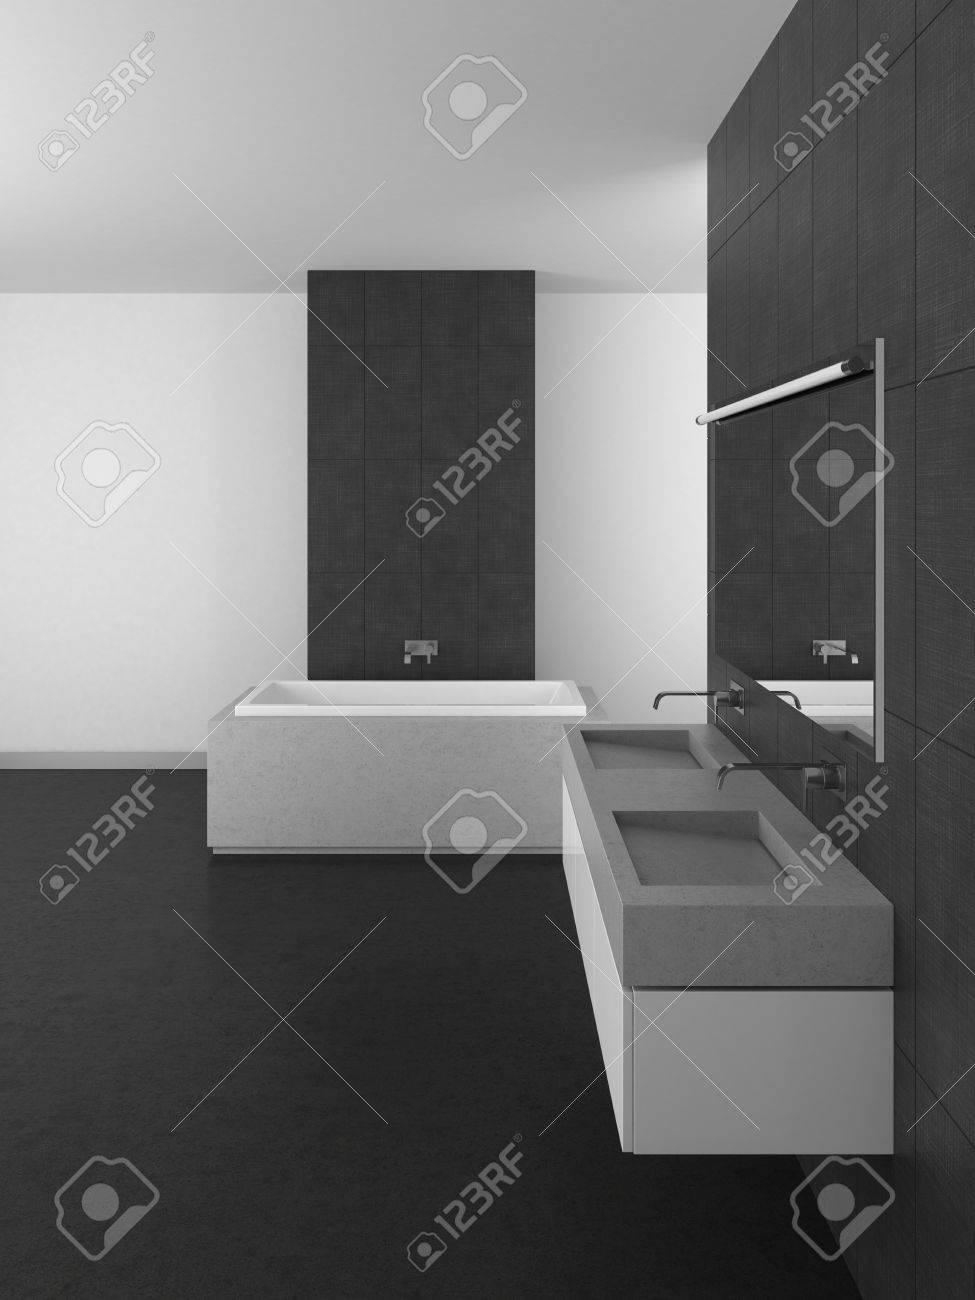 cuarto de bao con lavabo doble azulejos grises y suelo oscuro las d with azulejos de cuarto de bao modernos with baos with alicatado de baos modernos - Alicatado De Baos